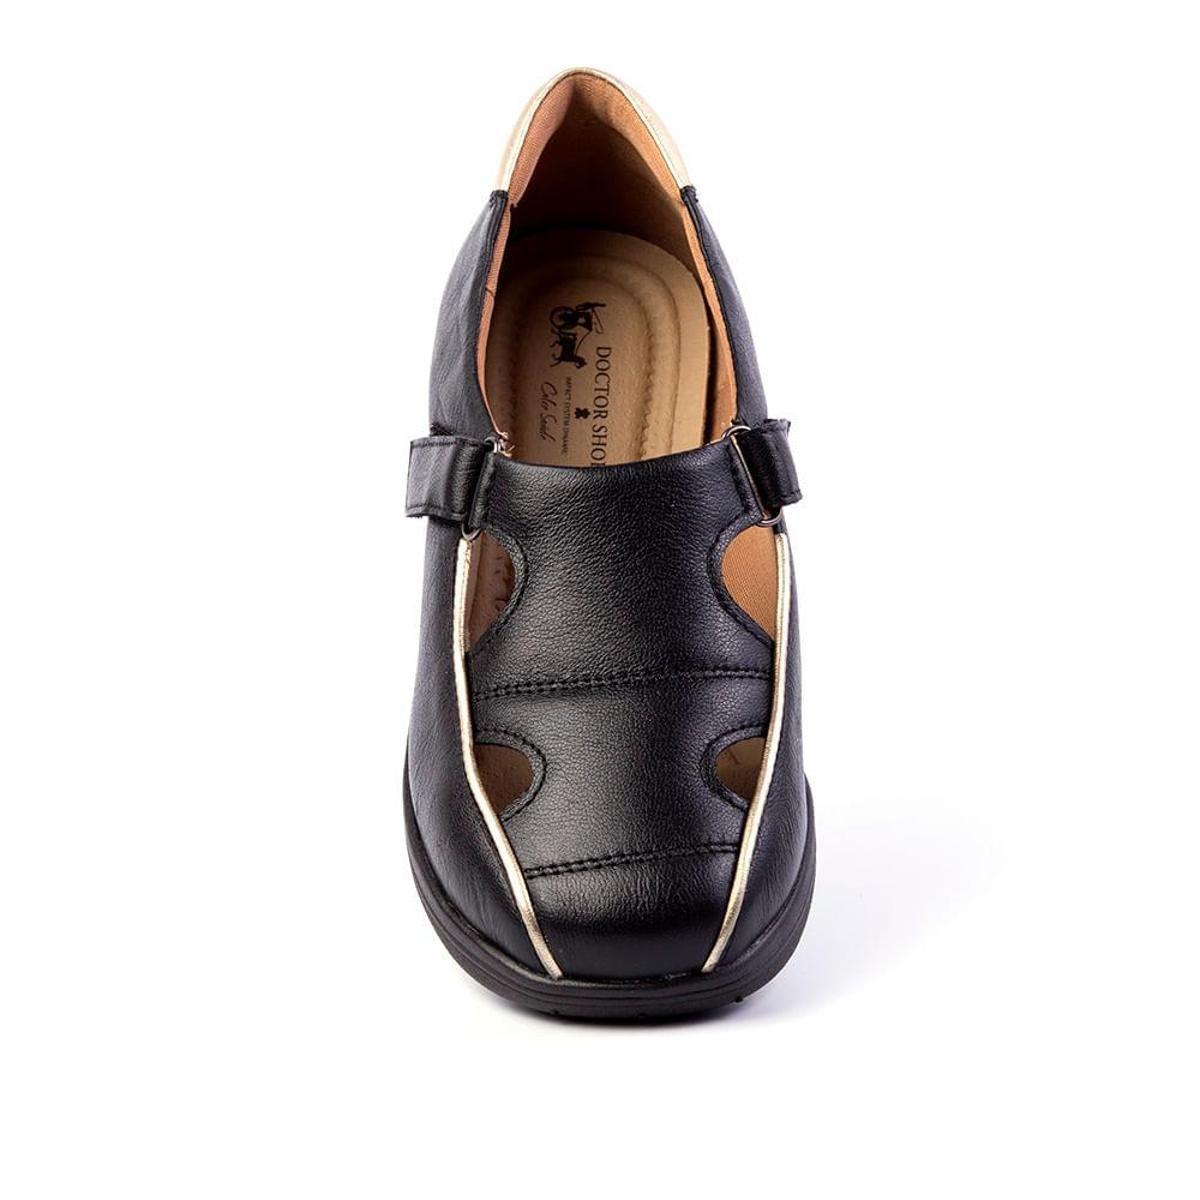 c503f8a2f5 Sapato Feminino Anabela 185 em Couro Doctor Shoes - Preto - Compre ...